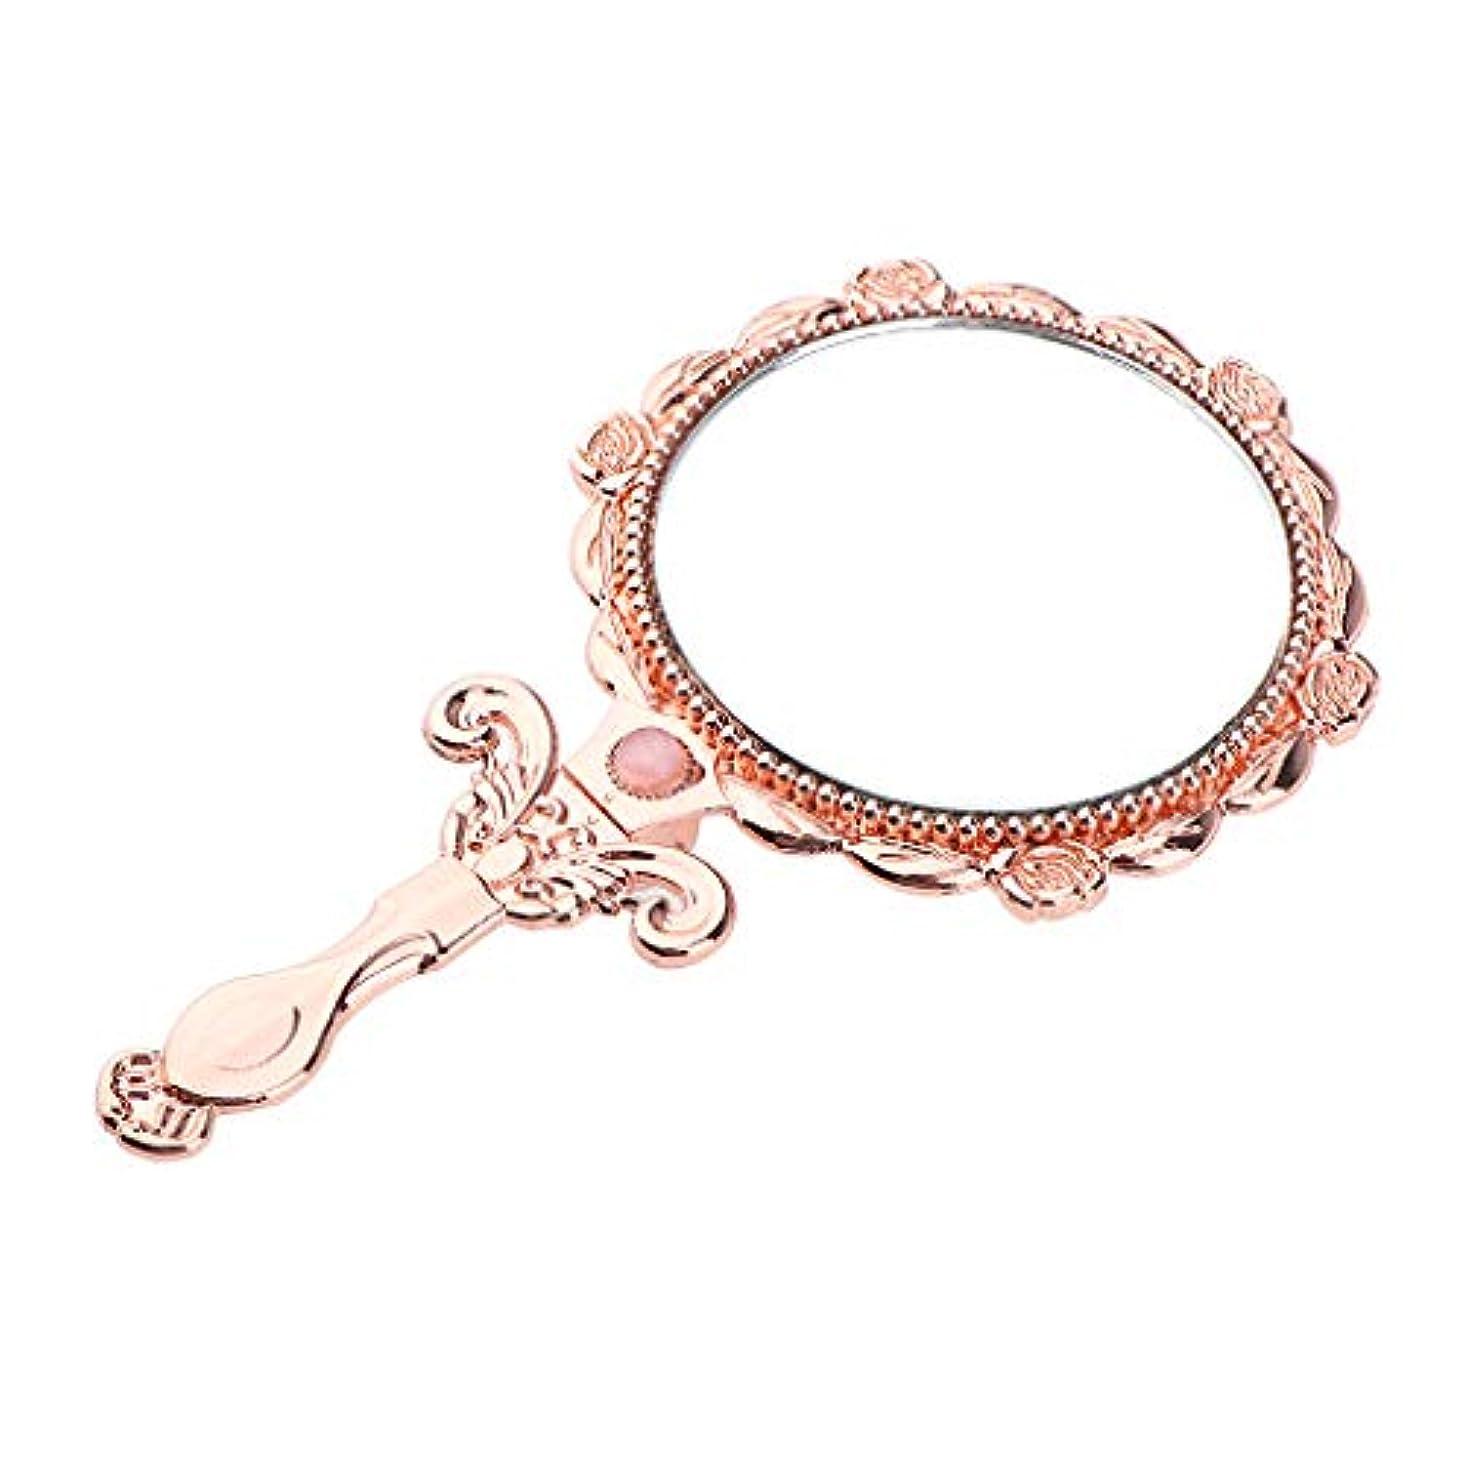 シプリーモジュール信頼メイクアップミラー 折りたたみ 化粧鏡 手鏡 軽量 ポータブル 3色選べ - ローズゴールド